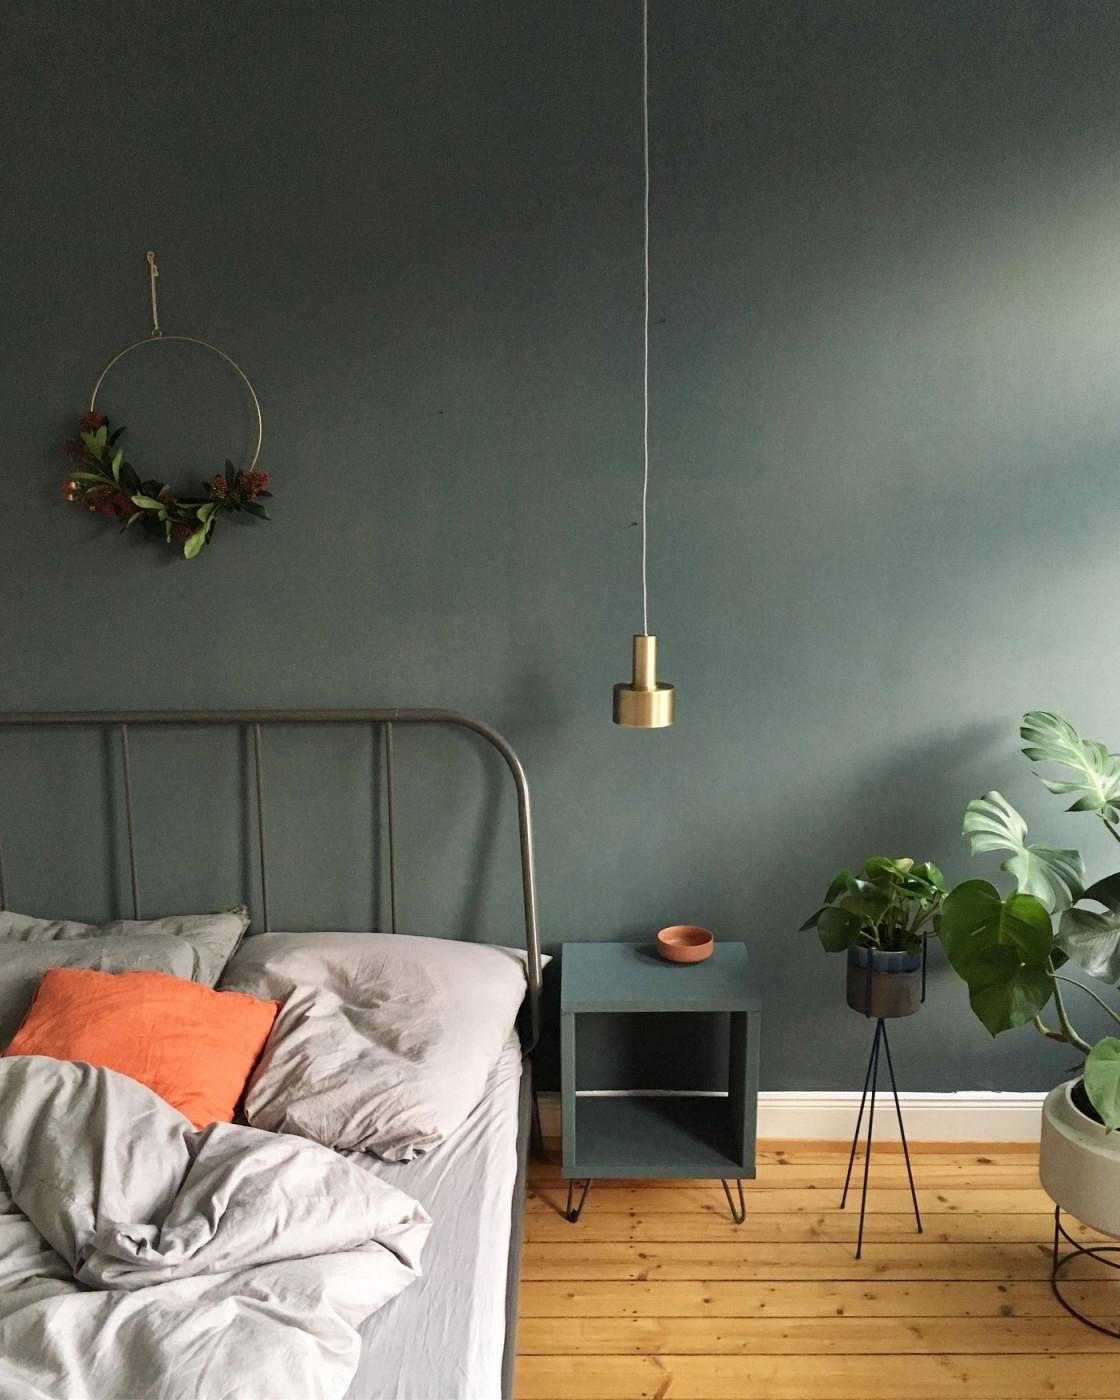 Wandfarbe Grün Die Besten Ideen Und Tipps Zum Streichen von Wohnzimmer Ideen Grün Photo